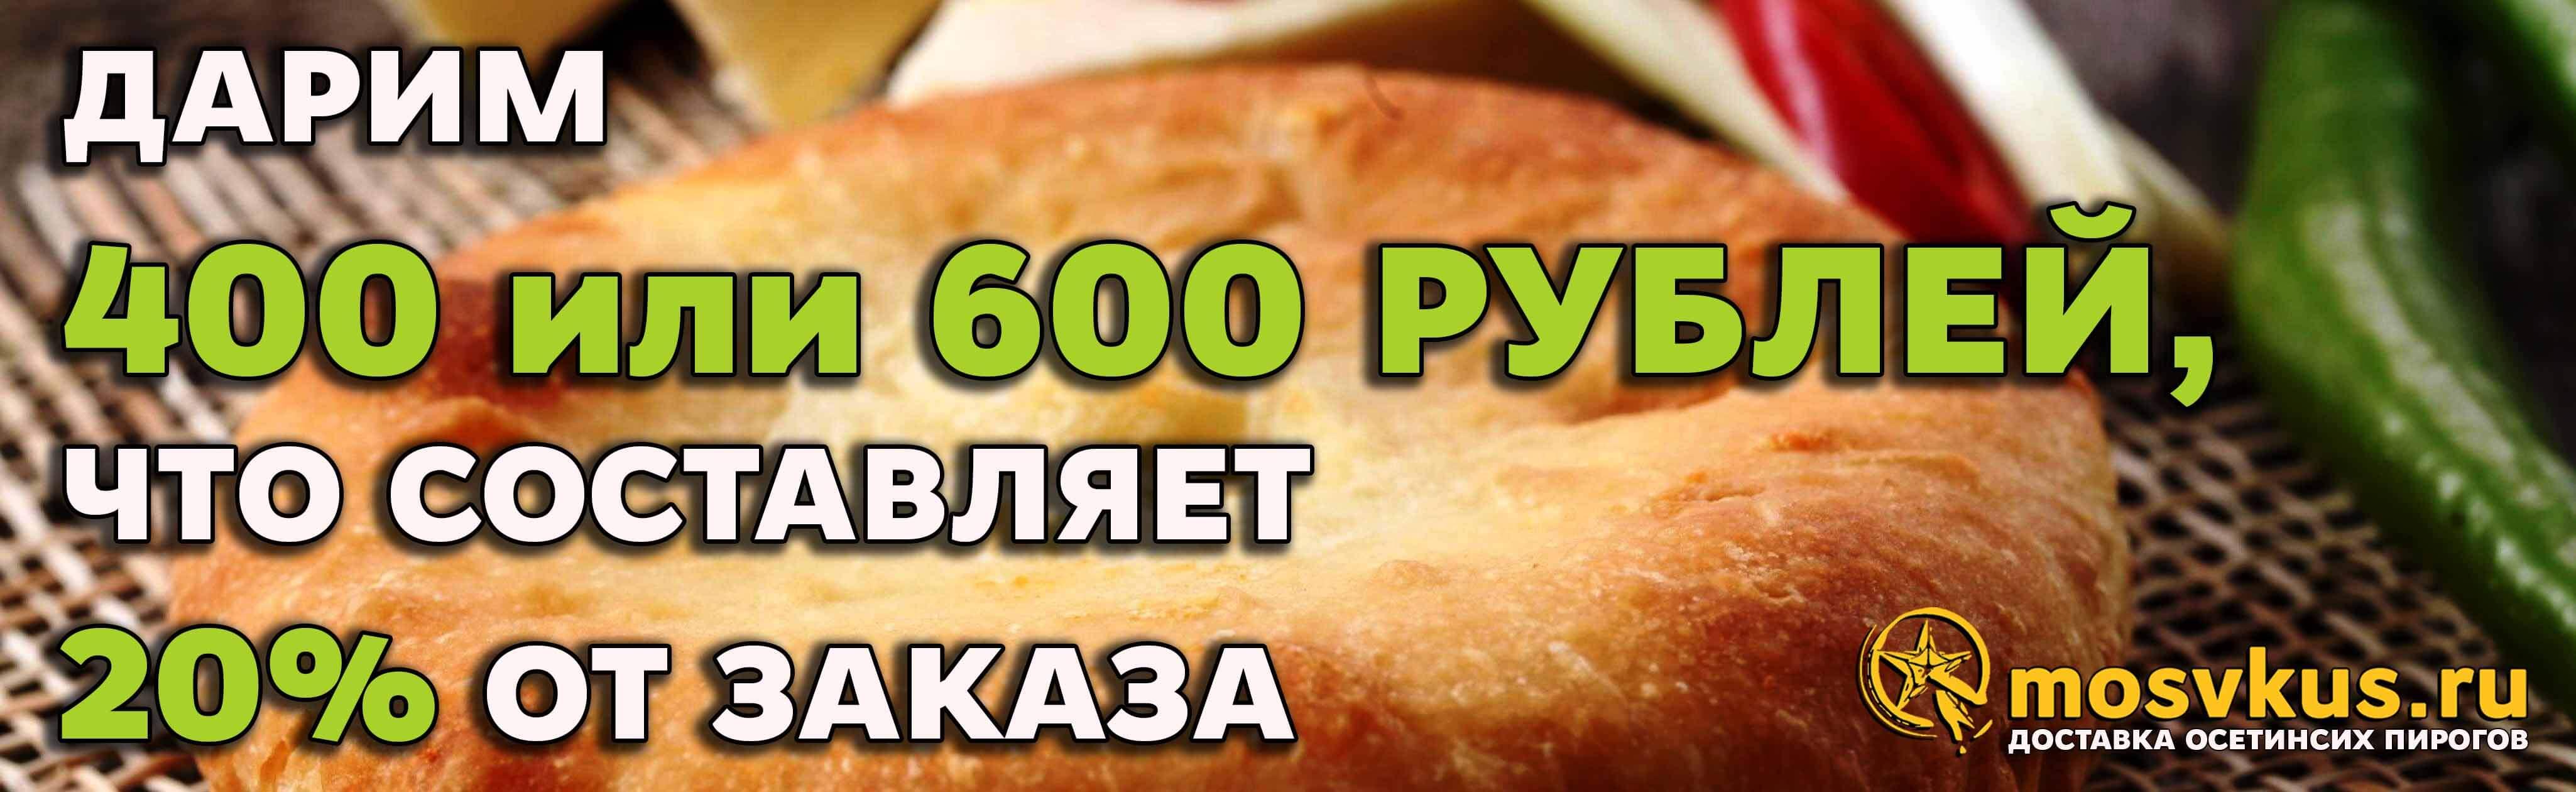 осетинские пироги по акции доставка Москва